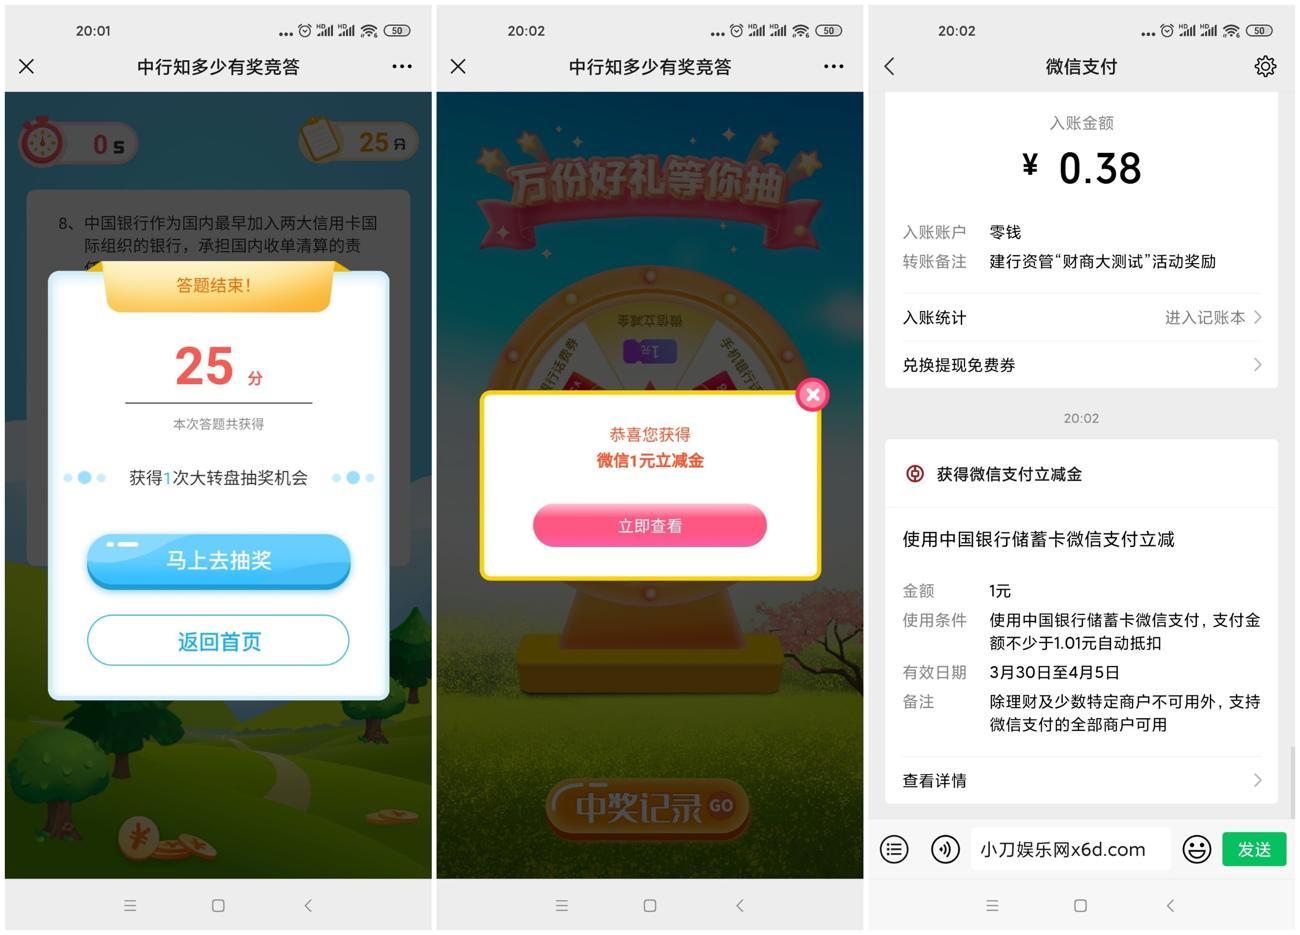 中国银行抽1~2元微信立减金